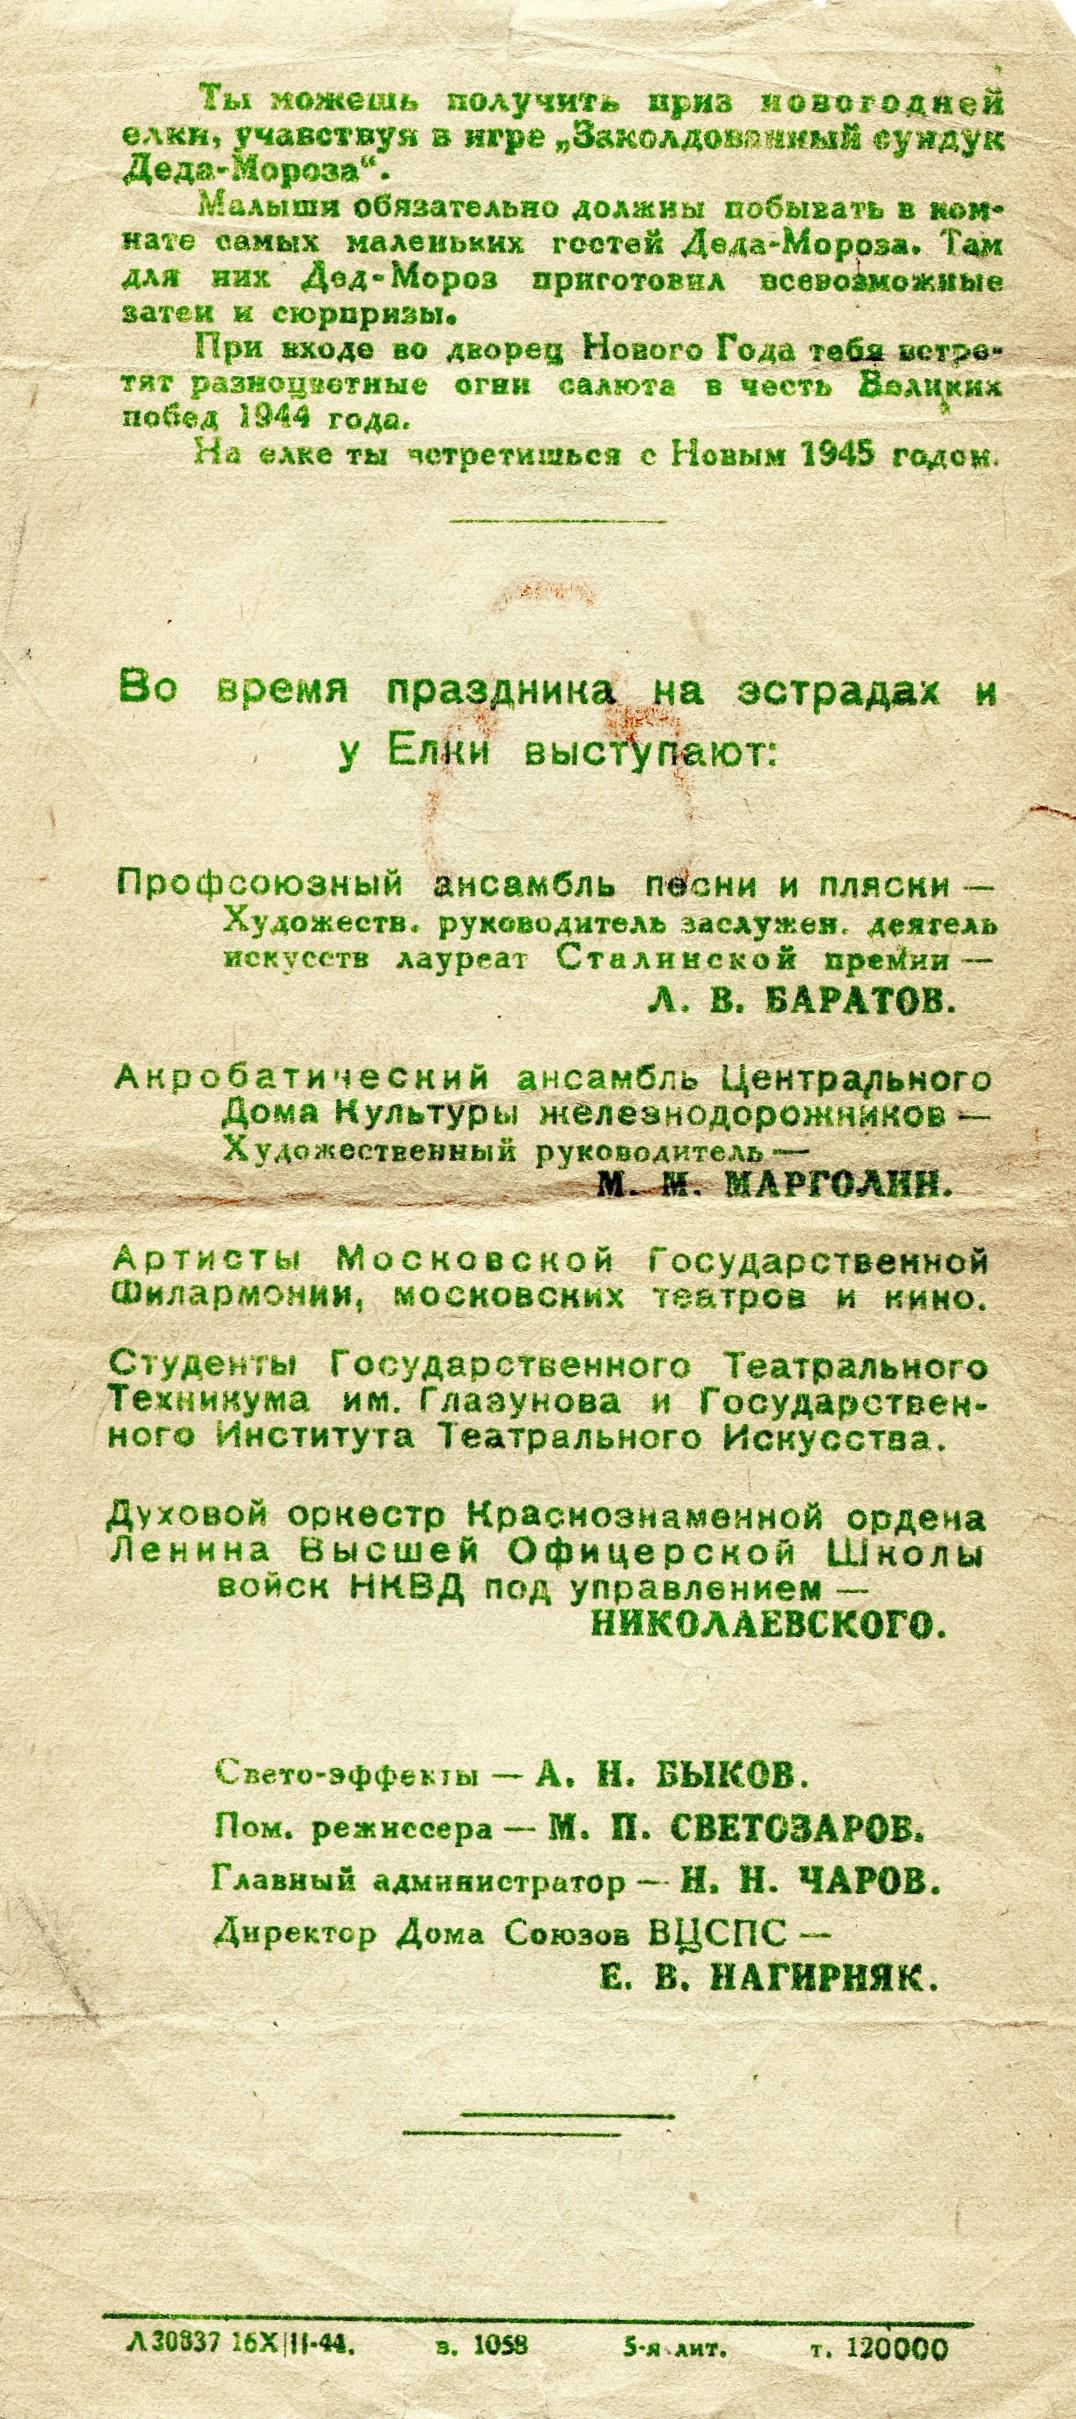 1945 ёлки007 кор.jpg